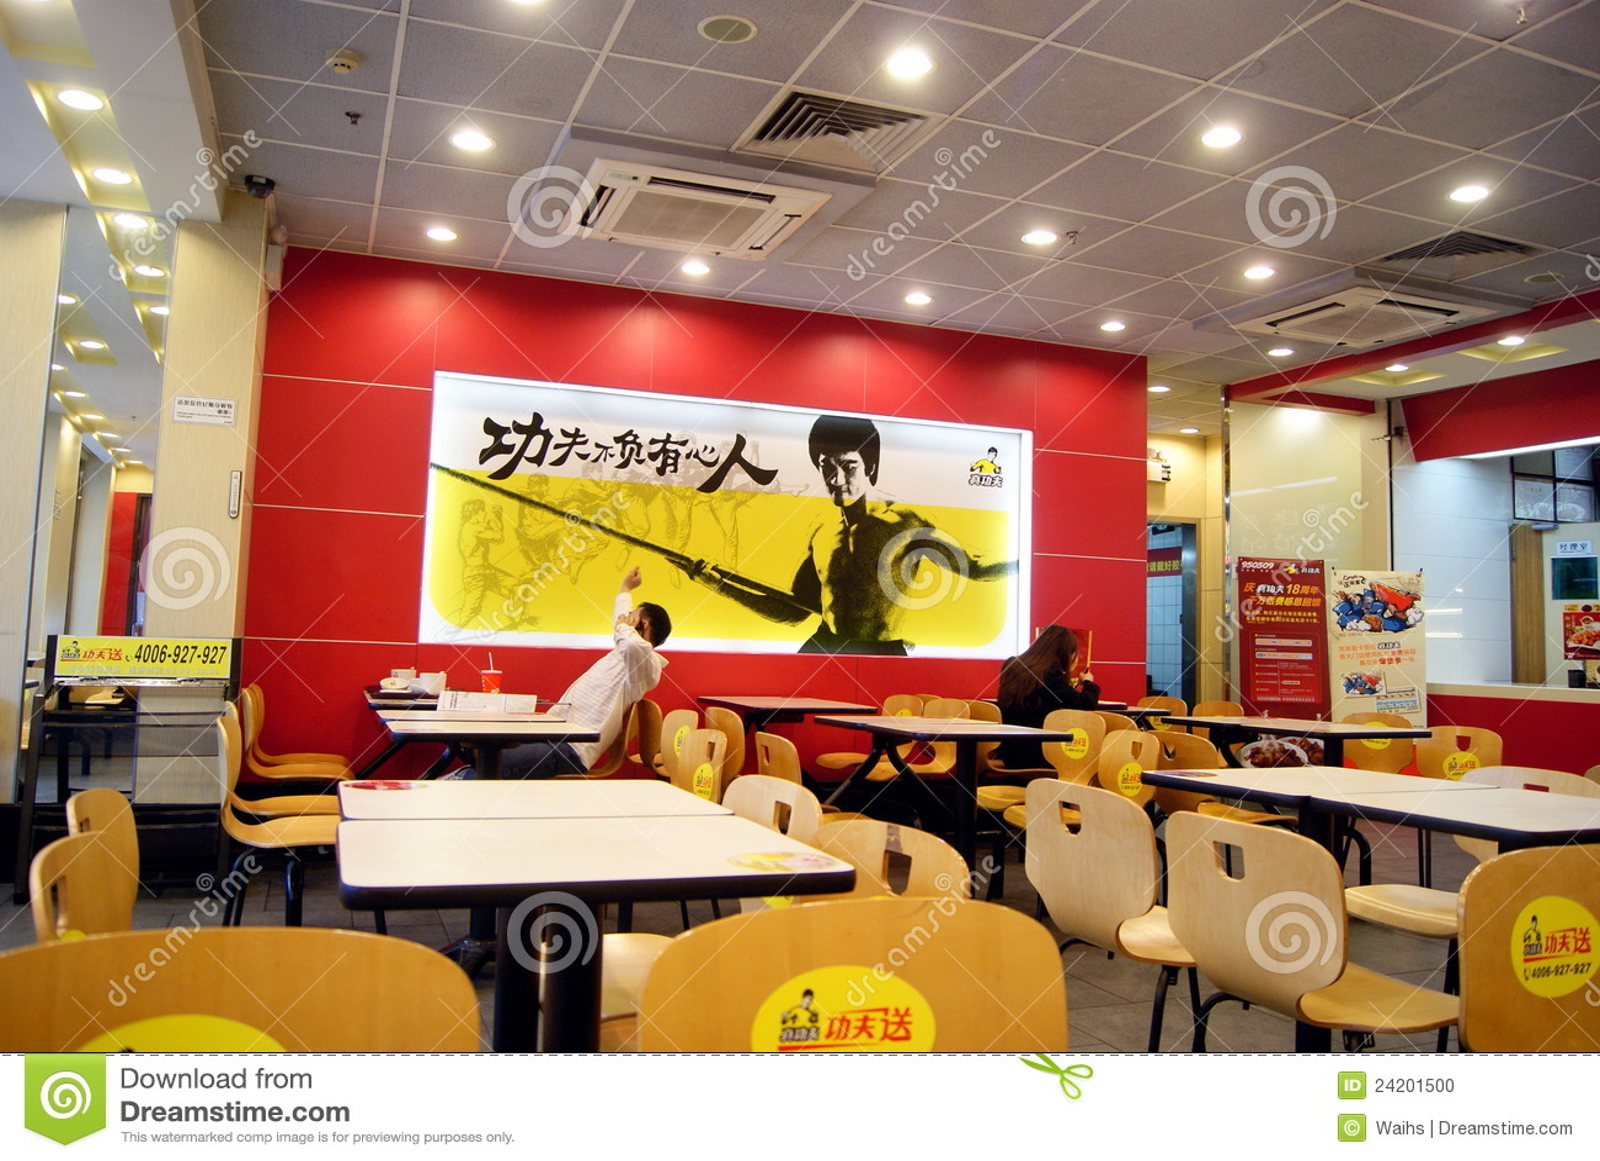 China de shenzhen restaurante verdadero la comida